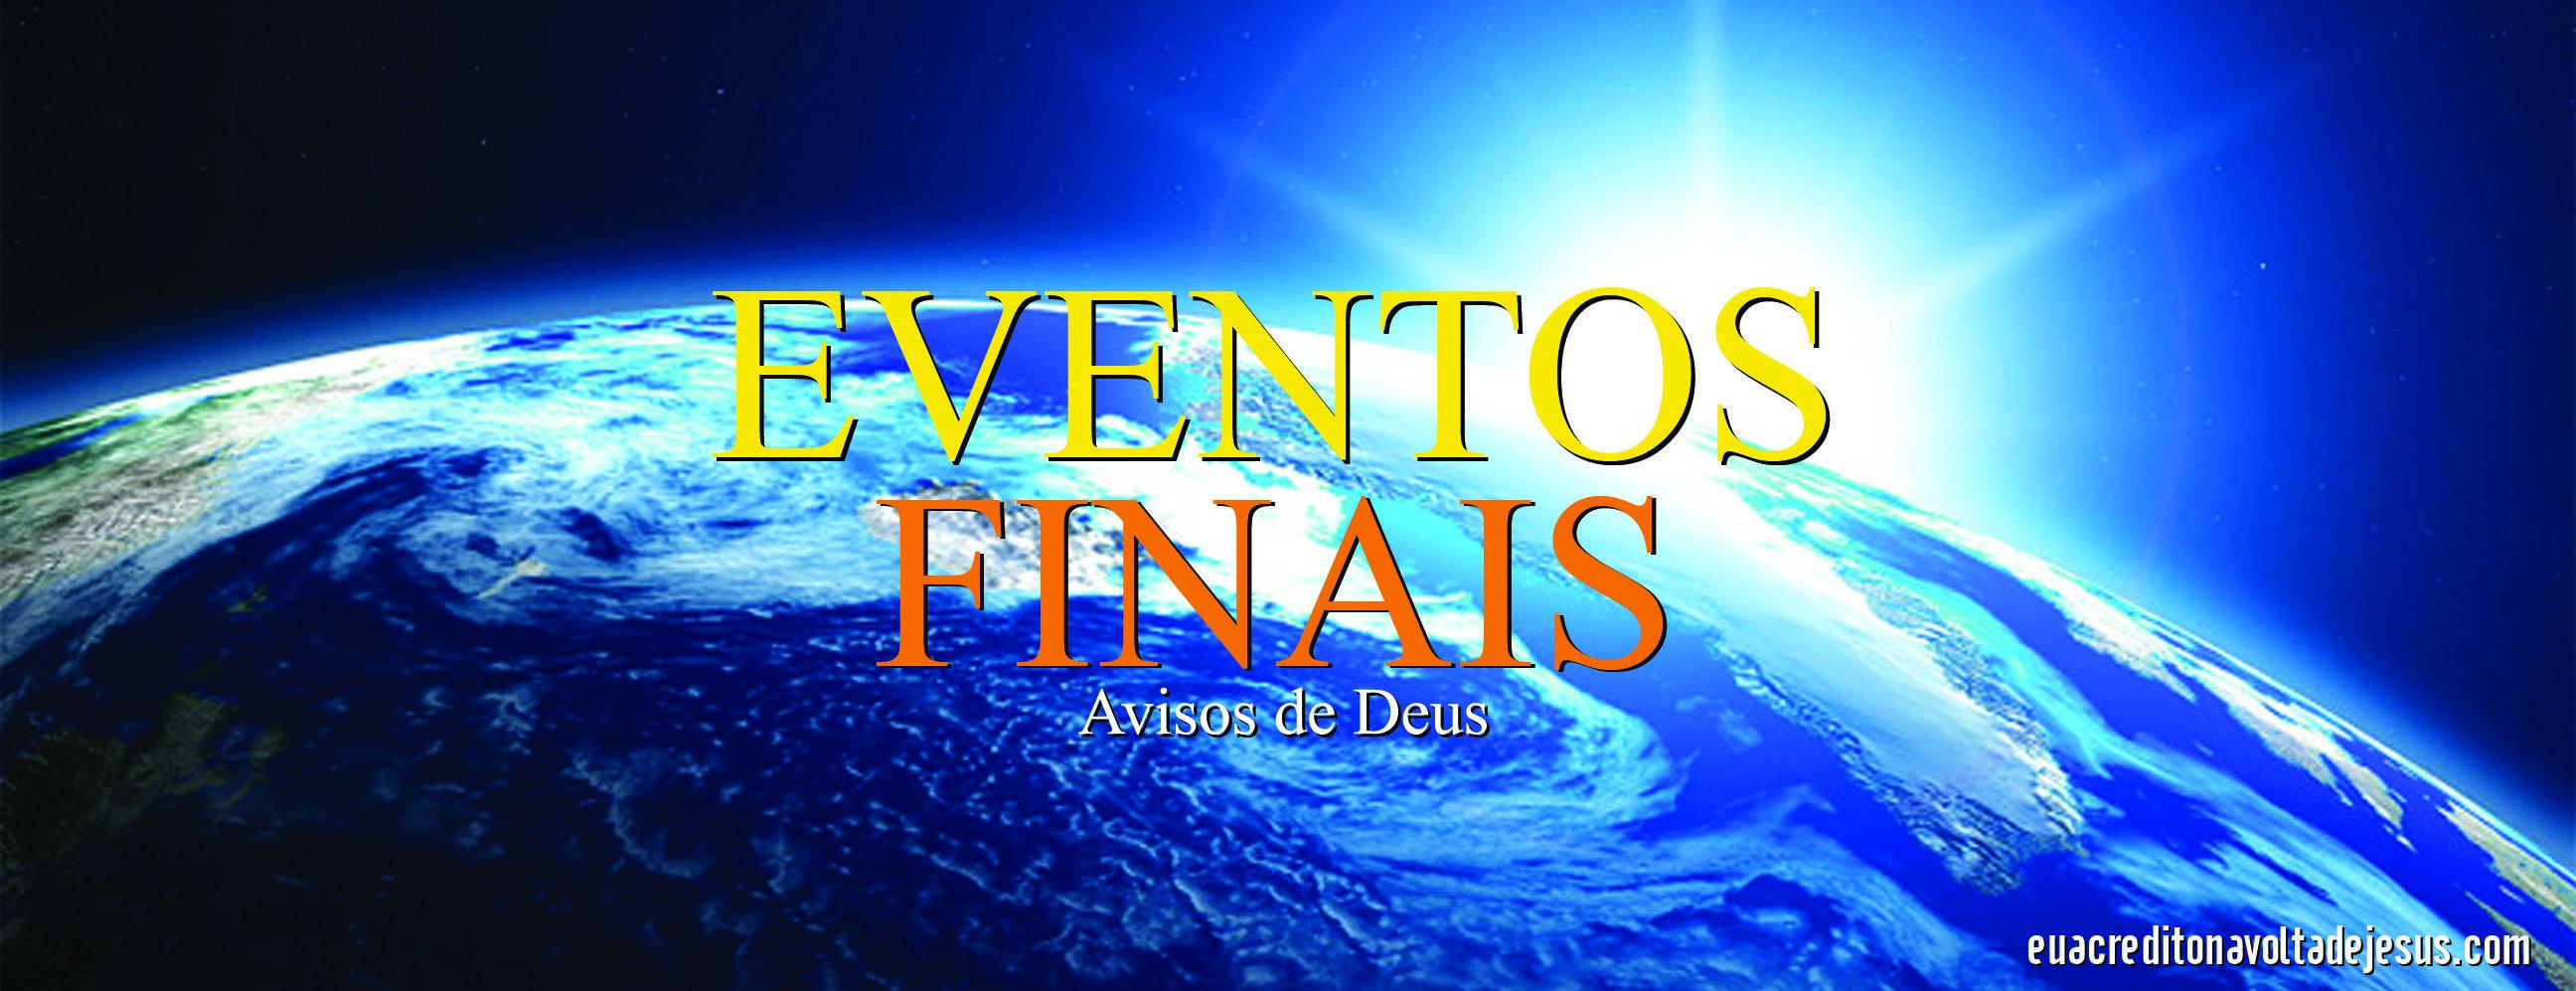 capa-eventos-finais3